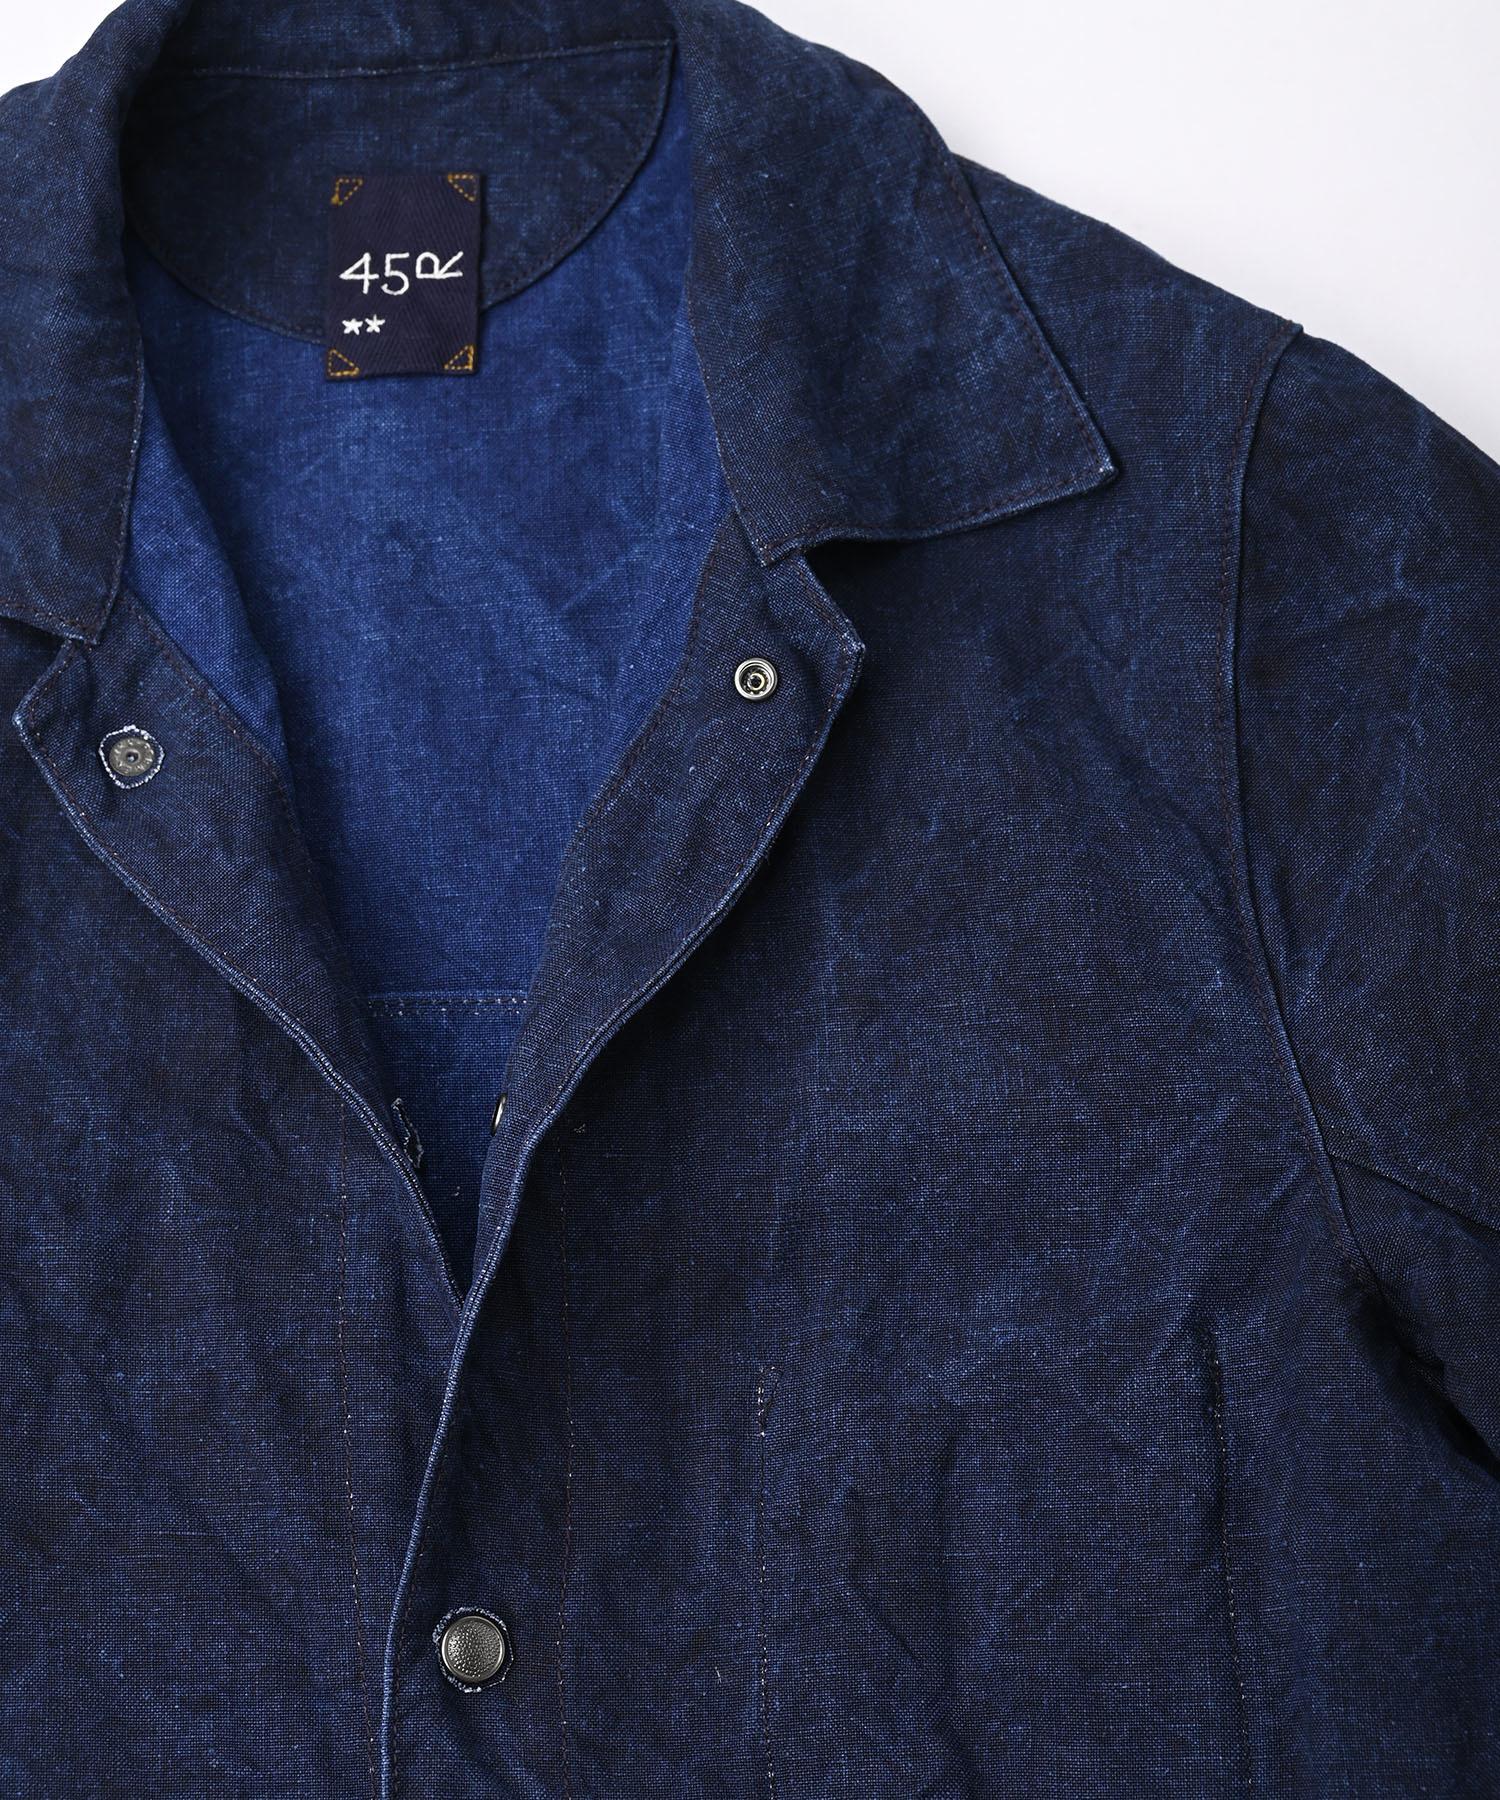 Indigo Linen Duck 908 Asama Coverall (0421)-8